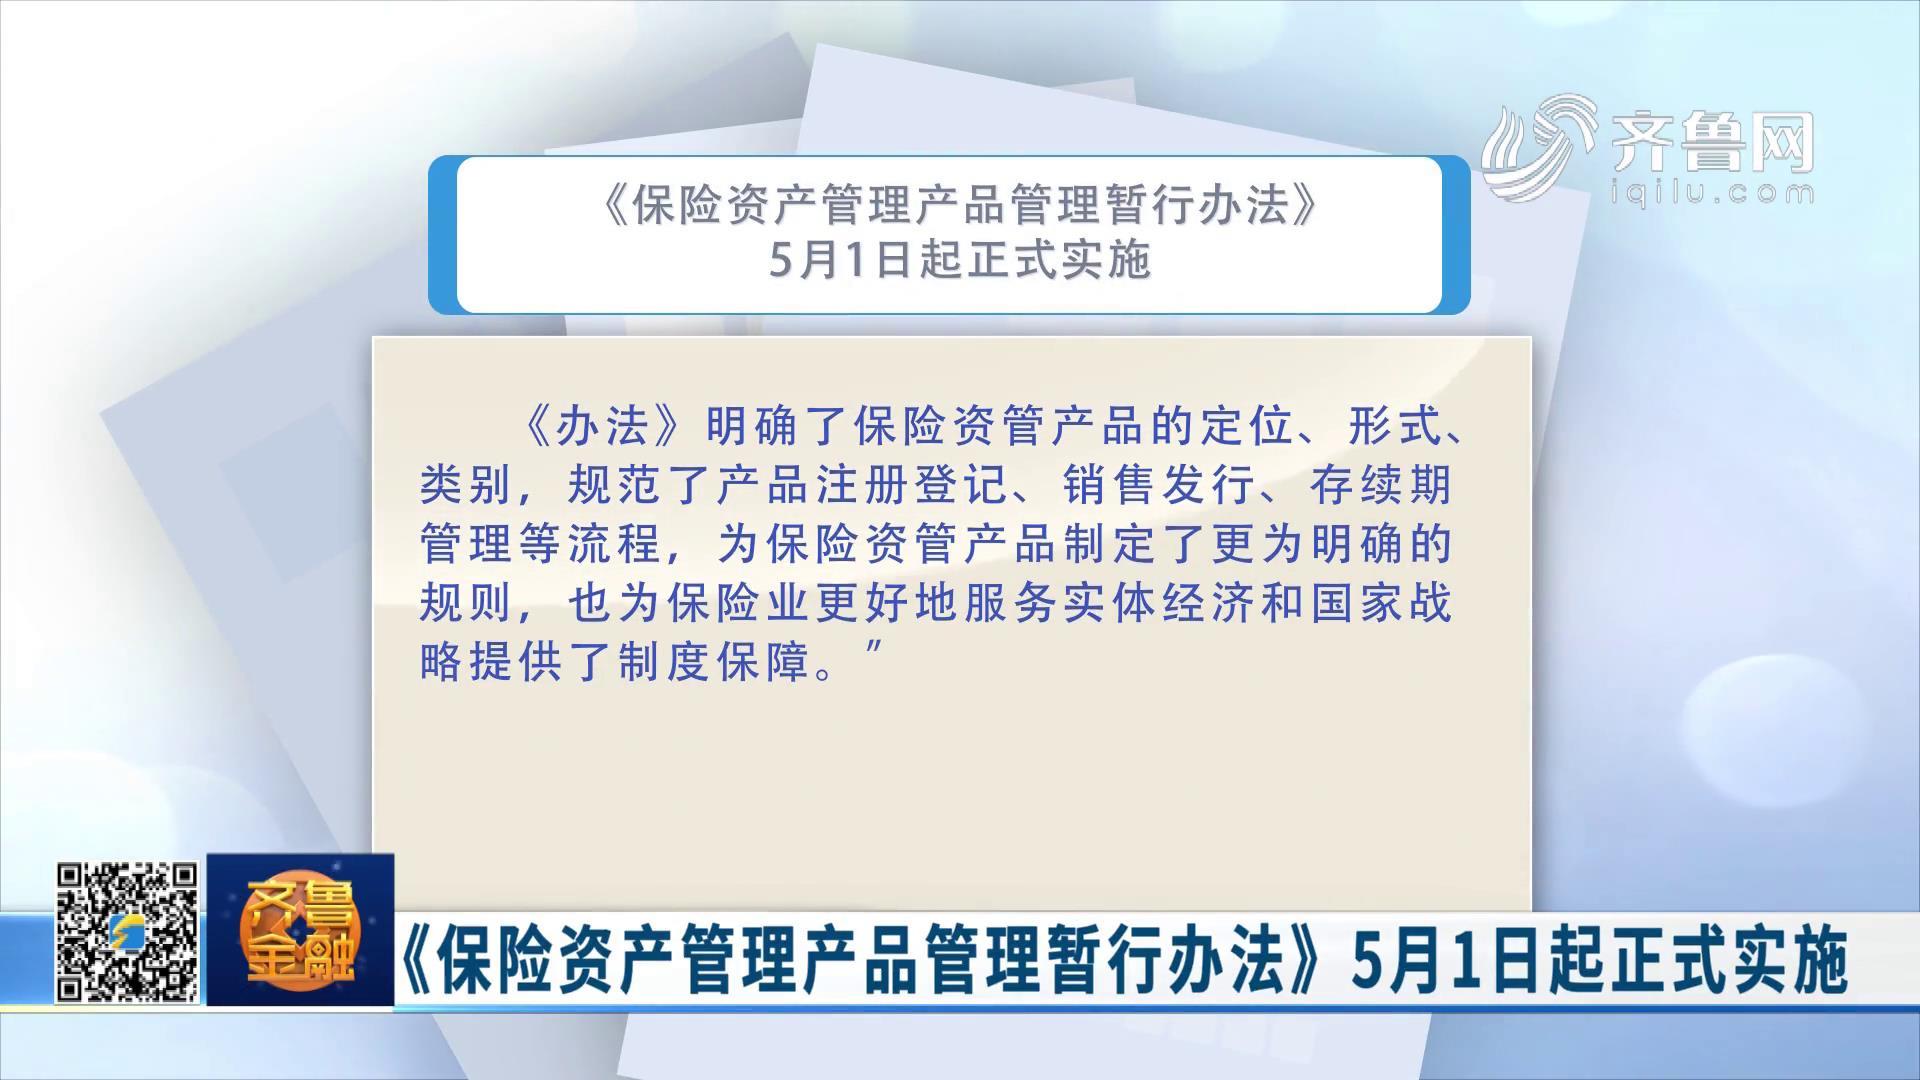 《保险资产管理产品管理暂行办法》5月1日起正式实施《齐鲁金融》20200401播出